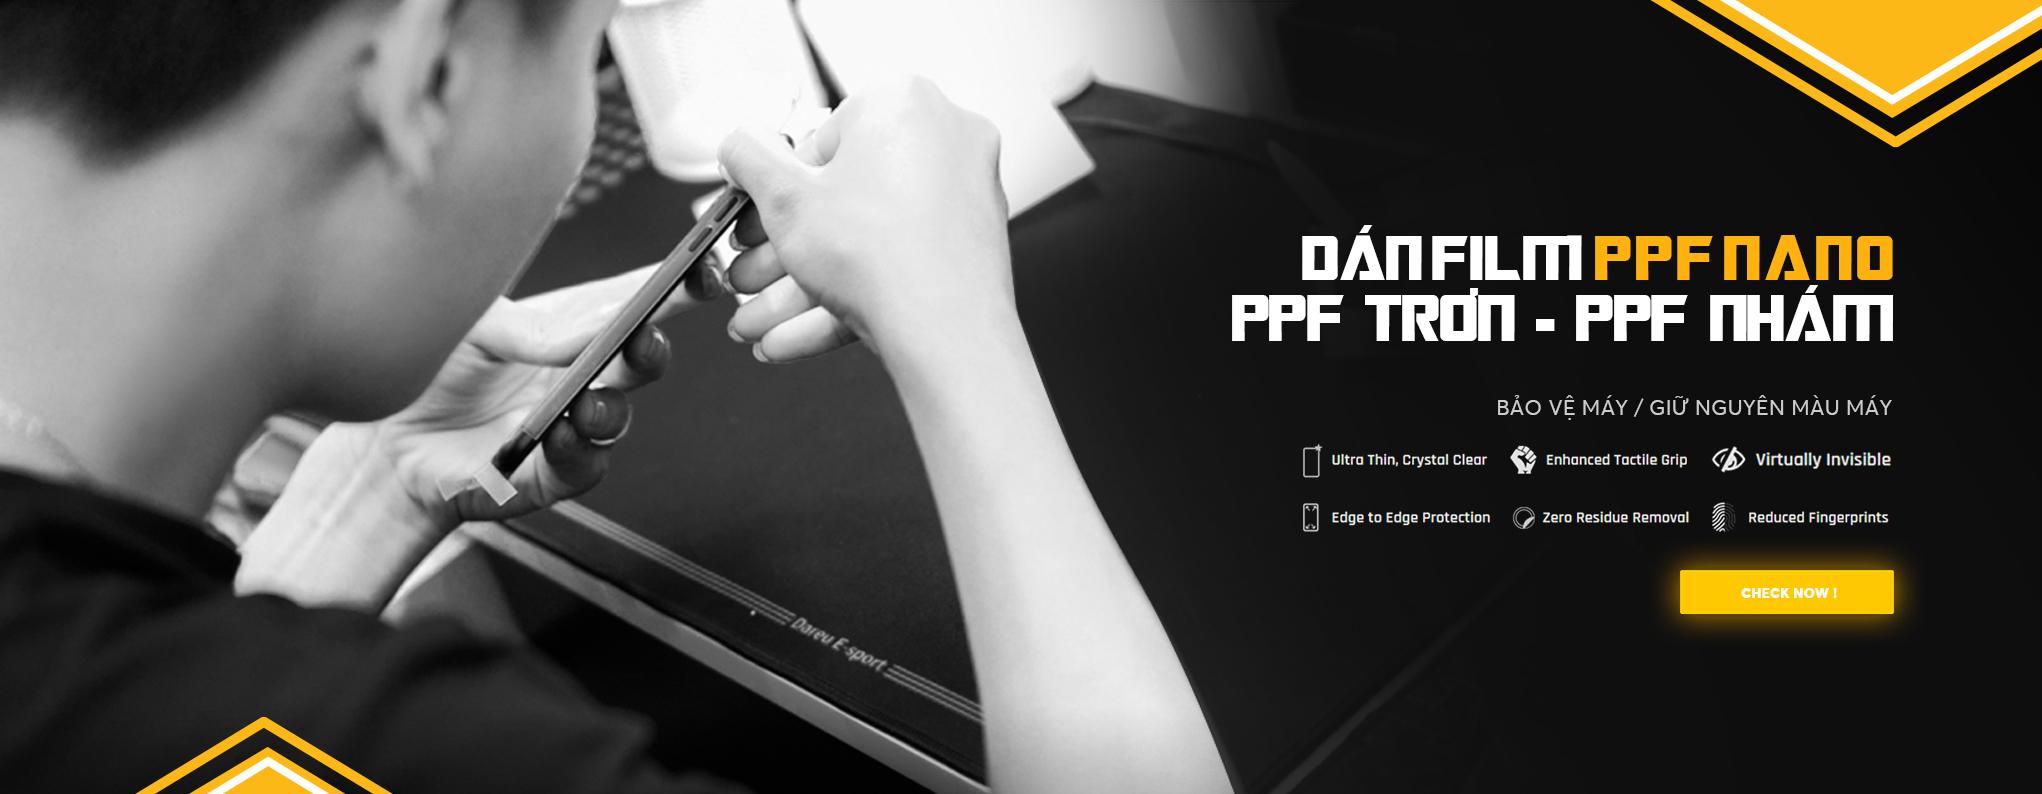 Dán Film PPF IPhone   Full Kín Lưng Viền Chính Xác Từng Chi Tiết Nhỏ